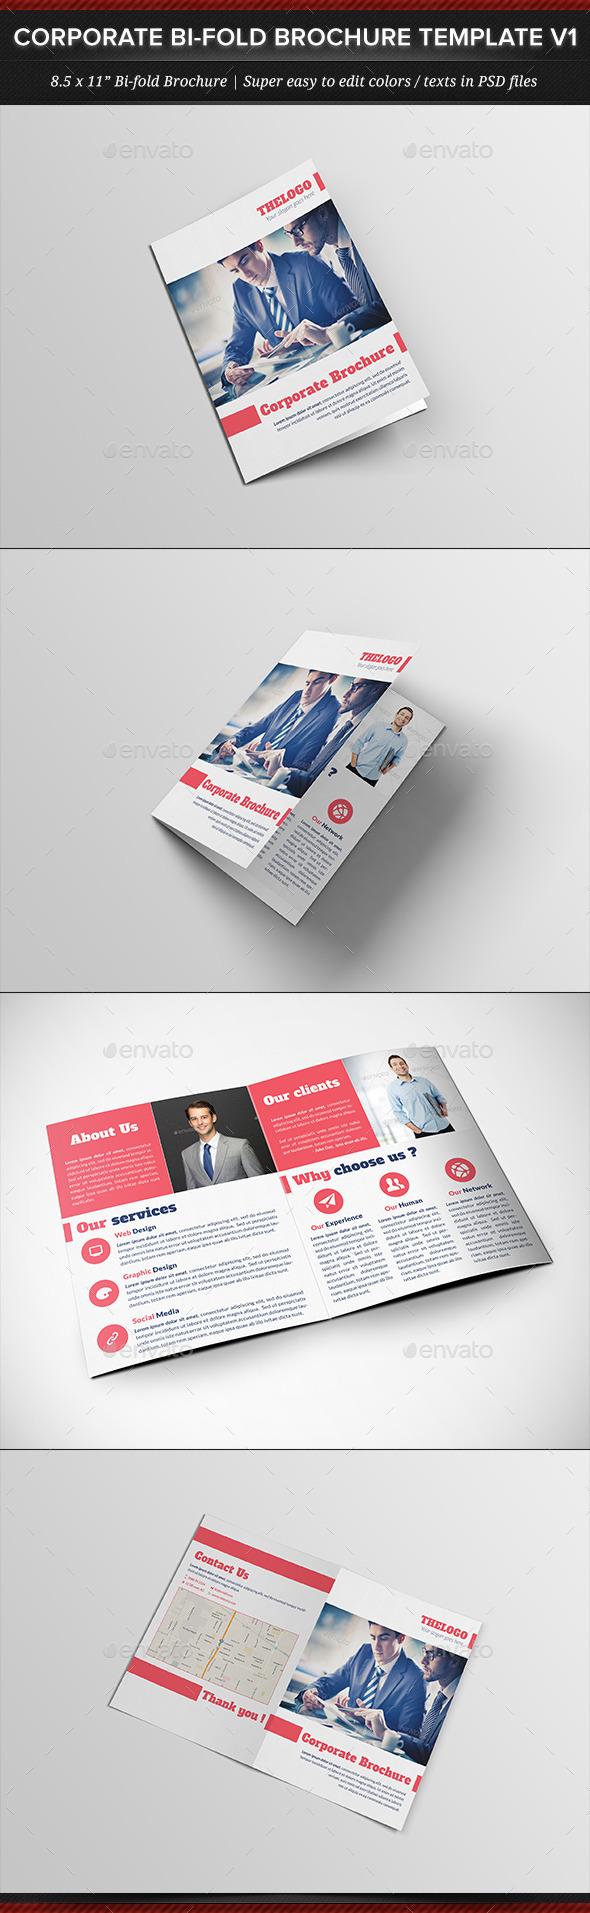 Corporate Business Bi-fold Brochure Template V1 - Corporate Brochures